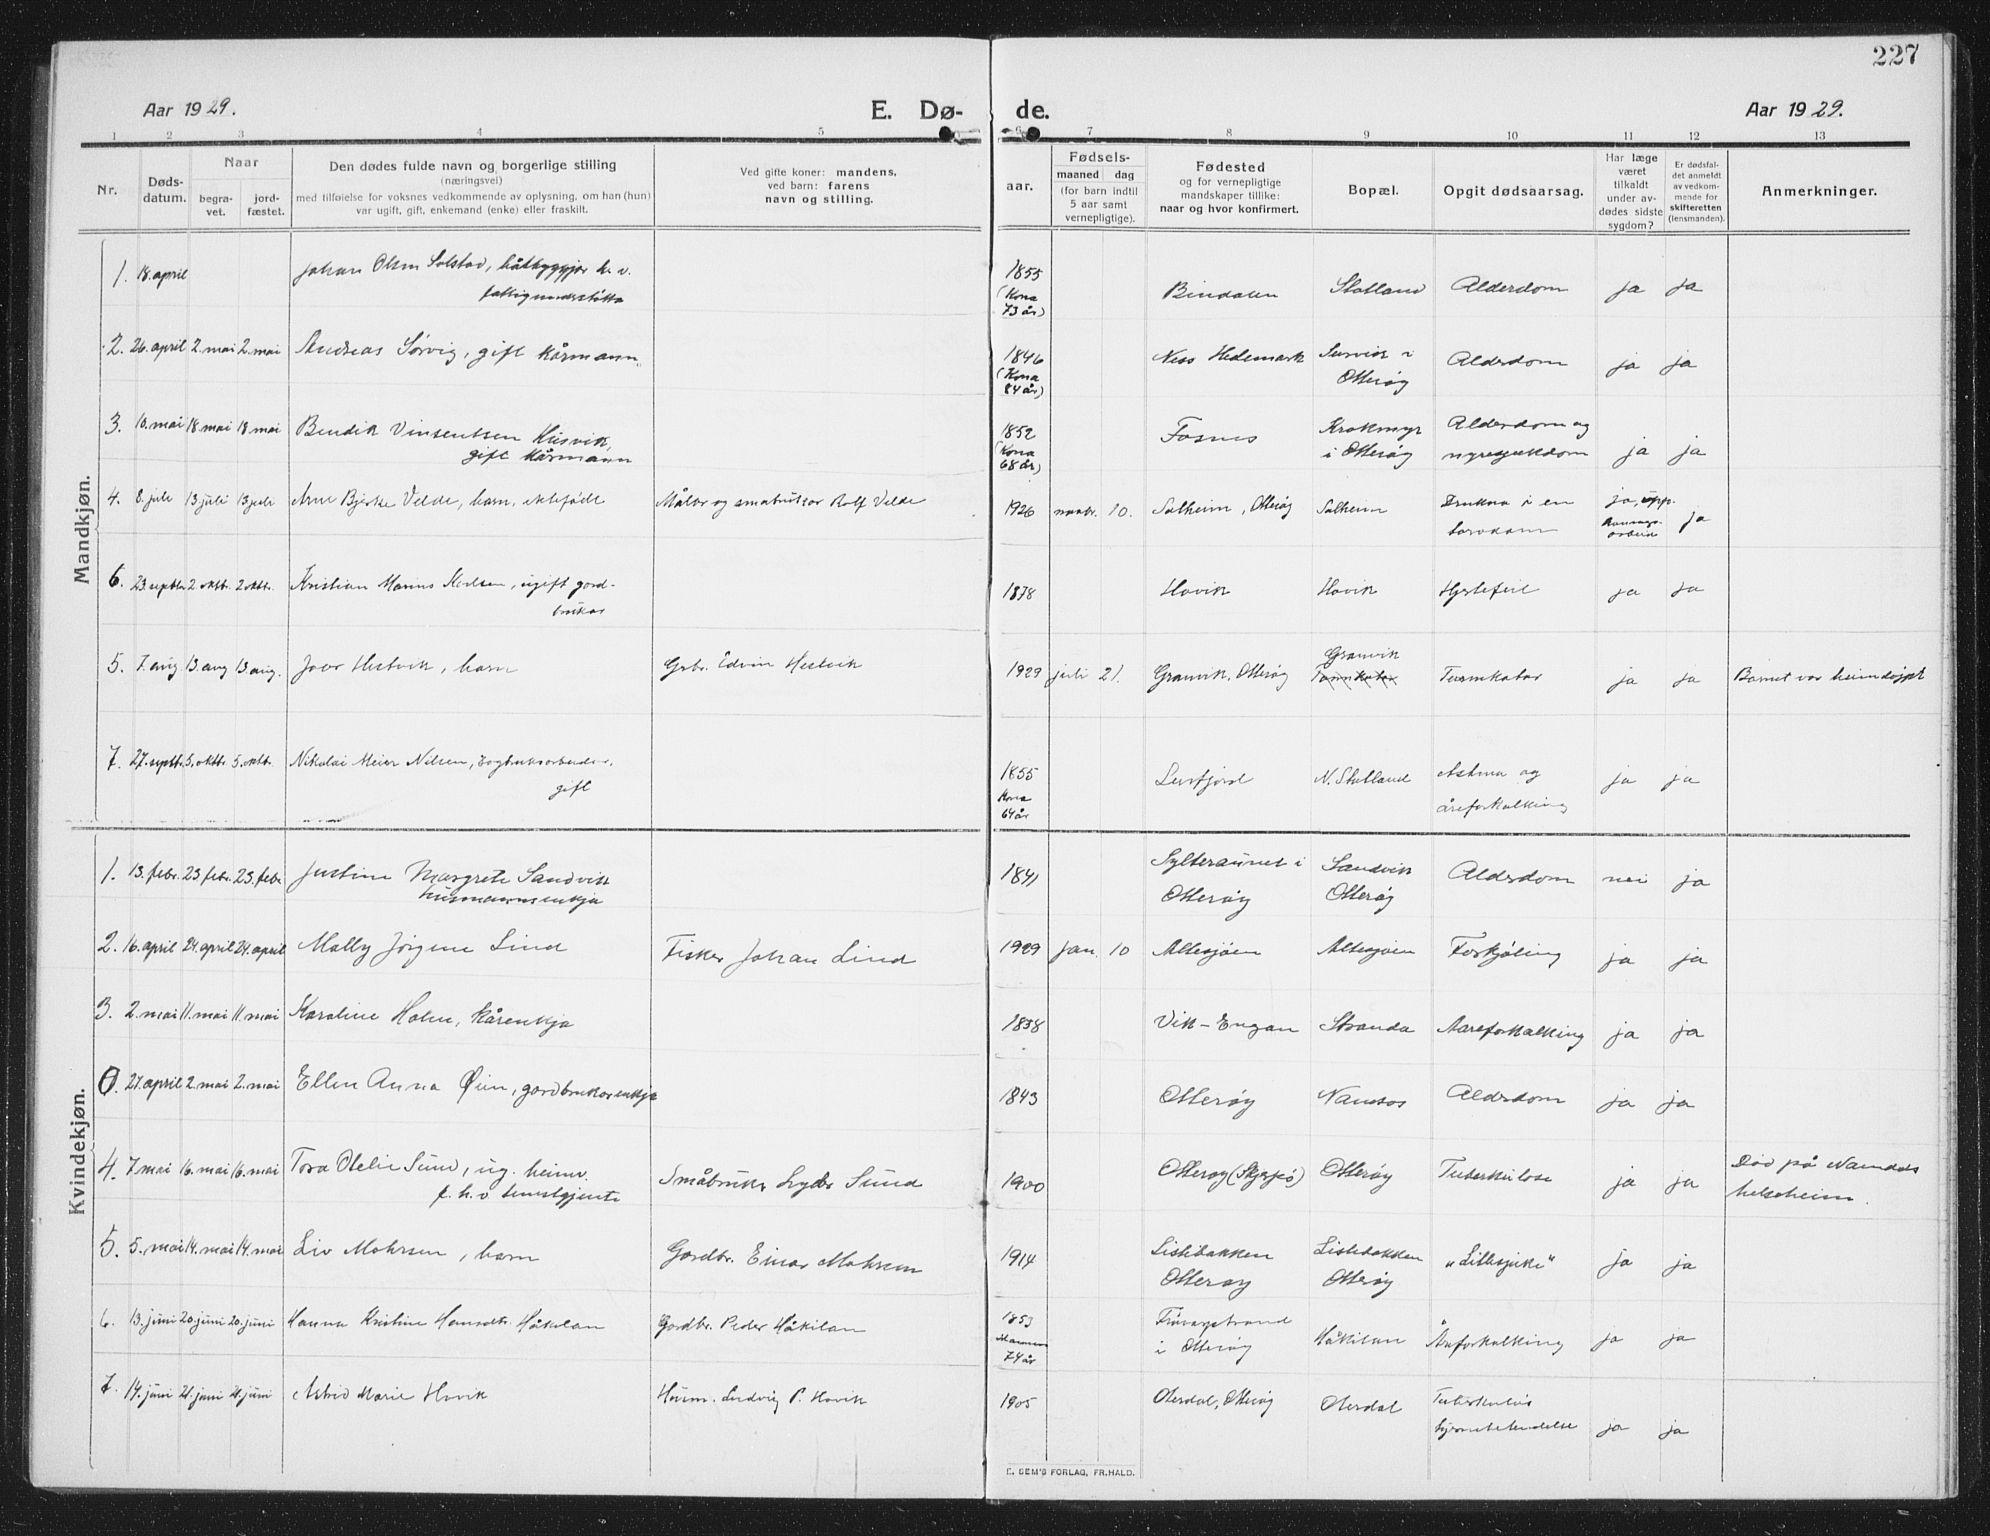 SAT, Ministerialprotokoller, klokkerbøker og fødselsregistre - Nord-Trøndelag, 774/L0630: Klokkerbok nr. 774C01, 1910-1934, s. 227